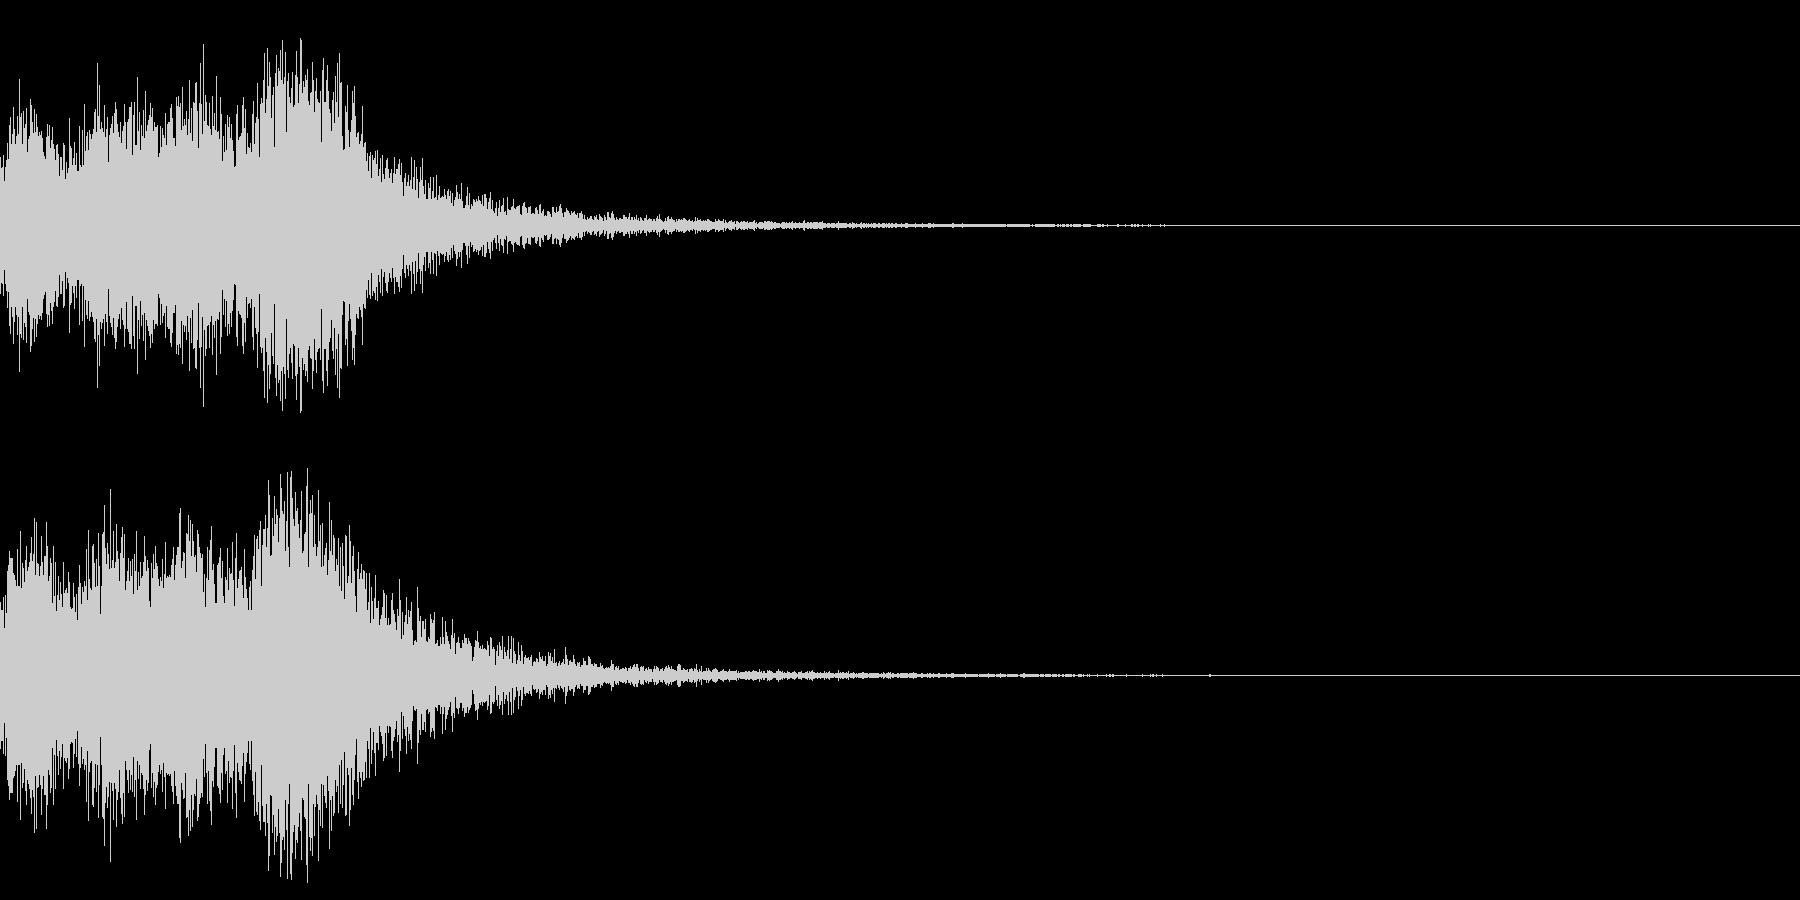 オーケストラヒット ジングル! 03bの未再生の波形